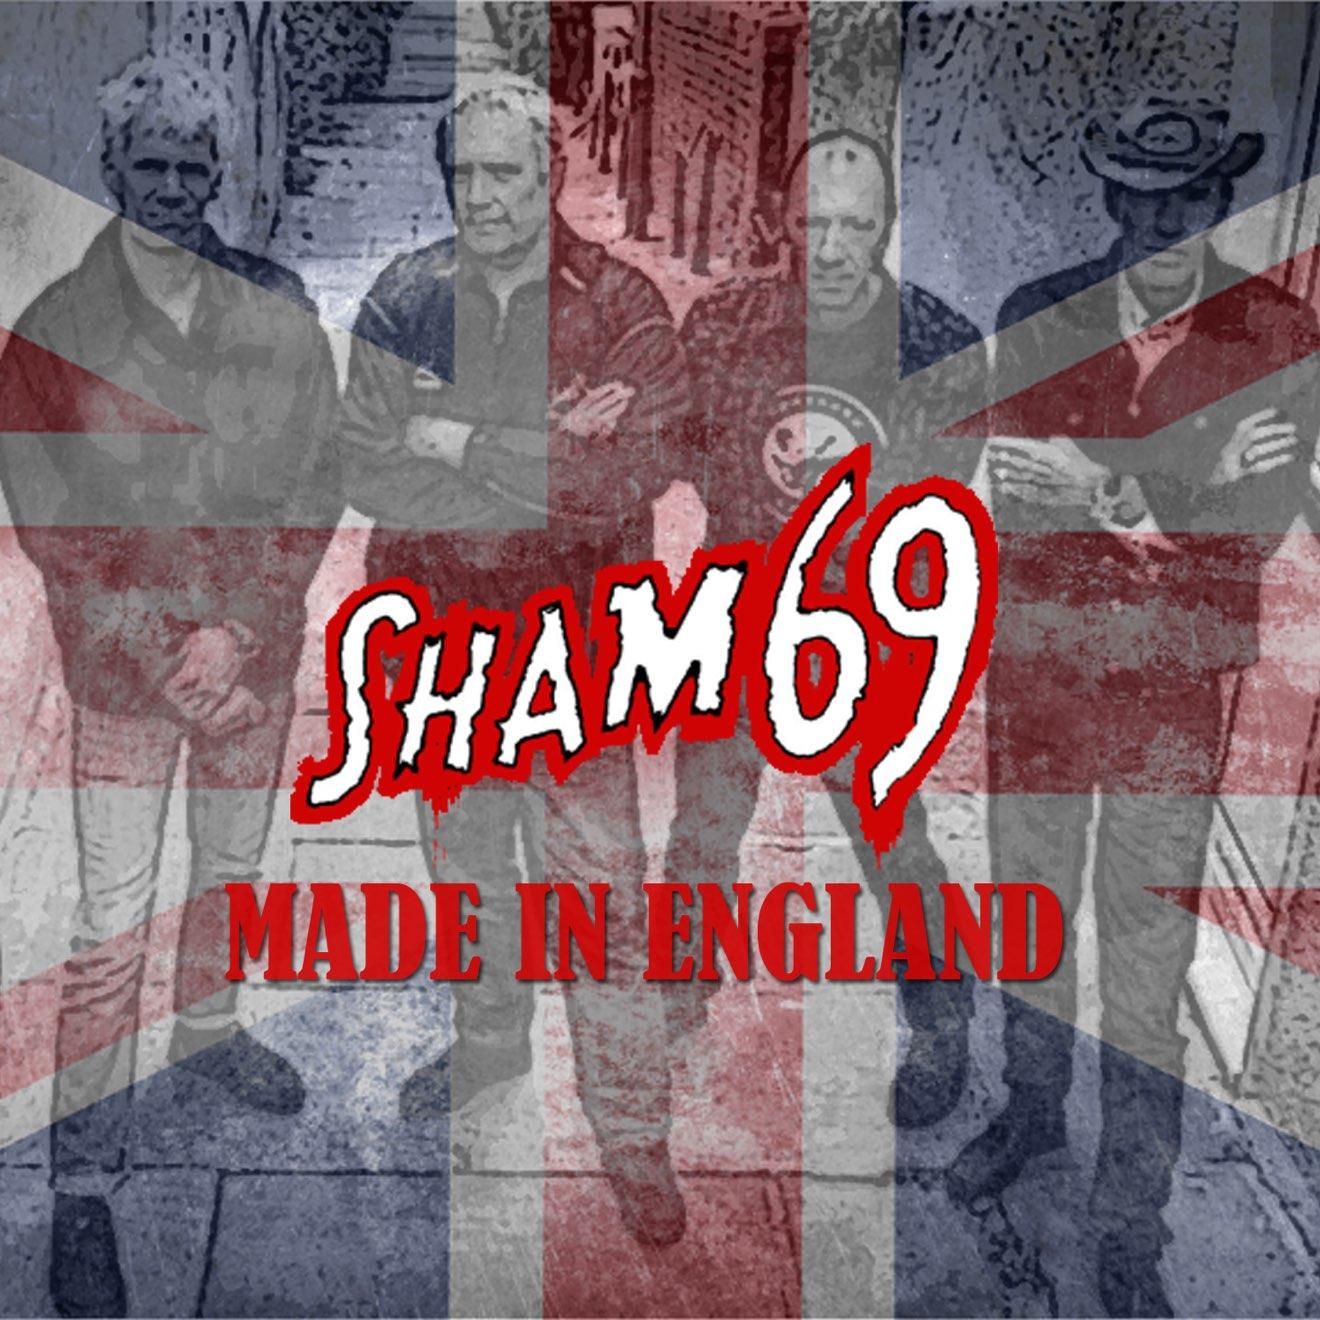 Sham 69